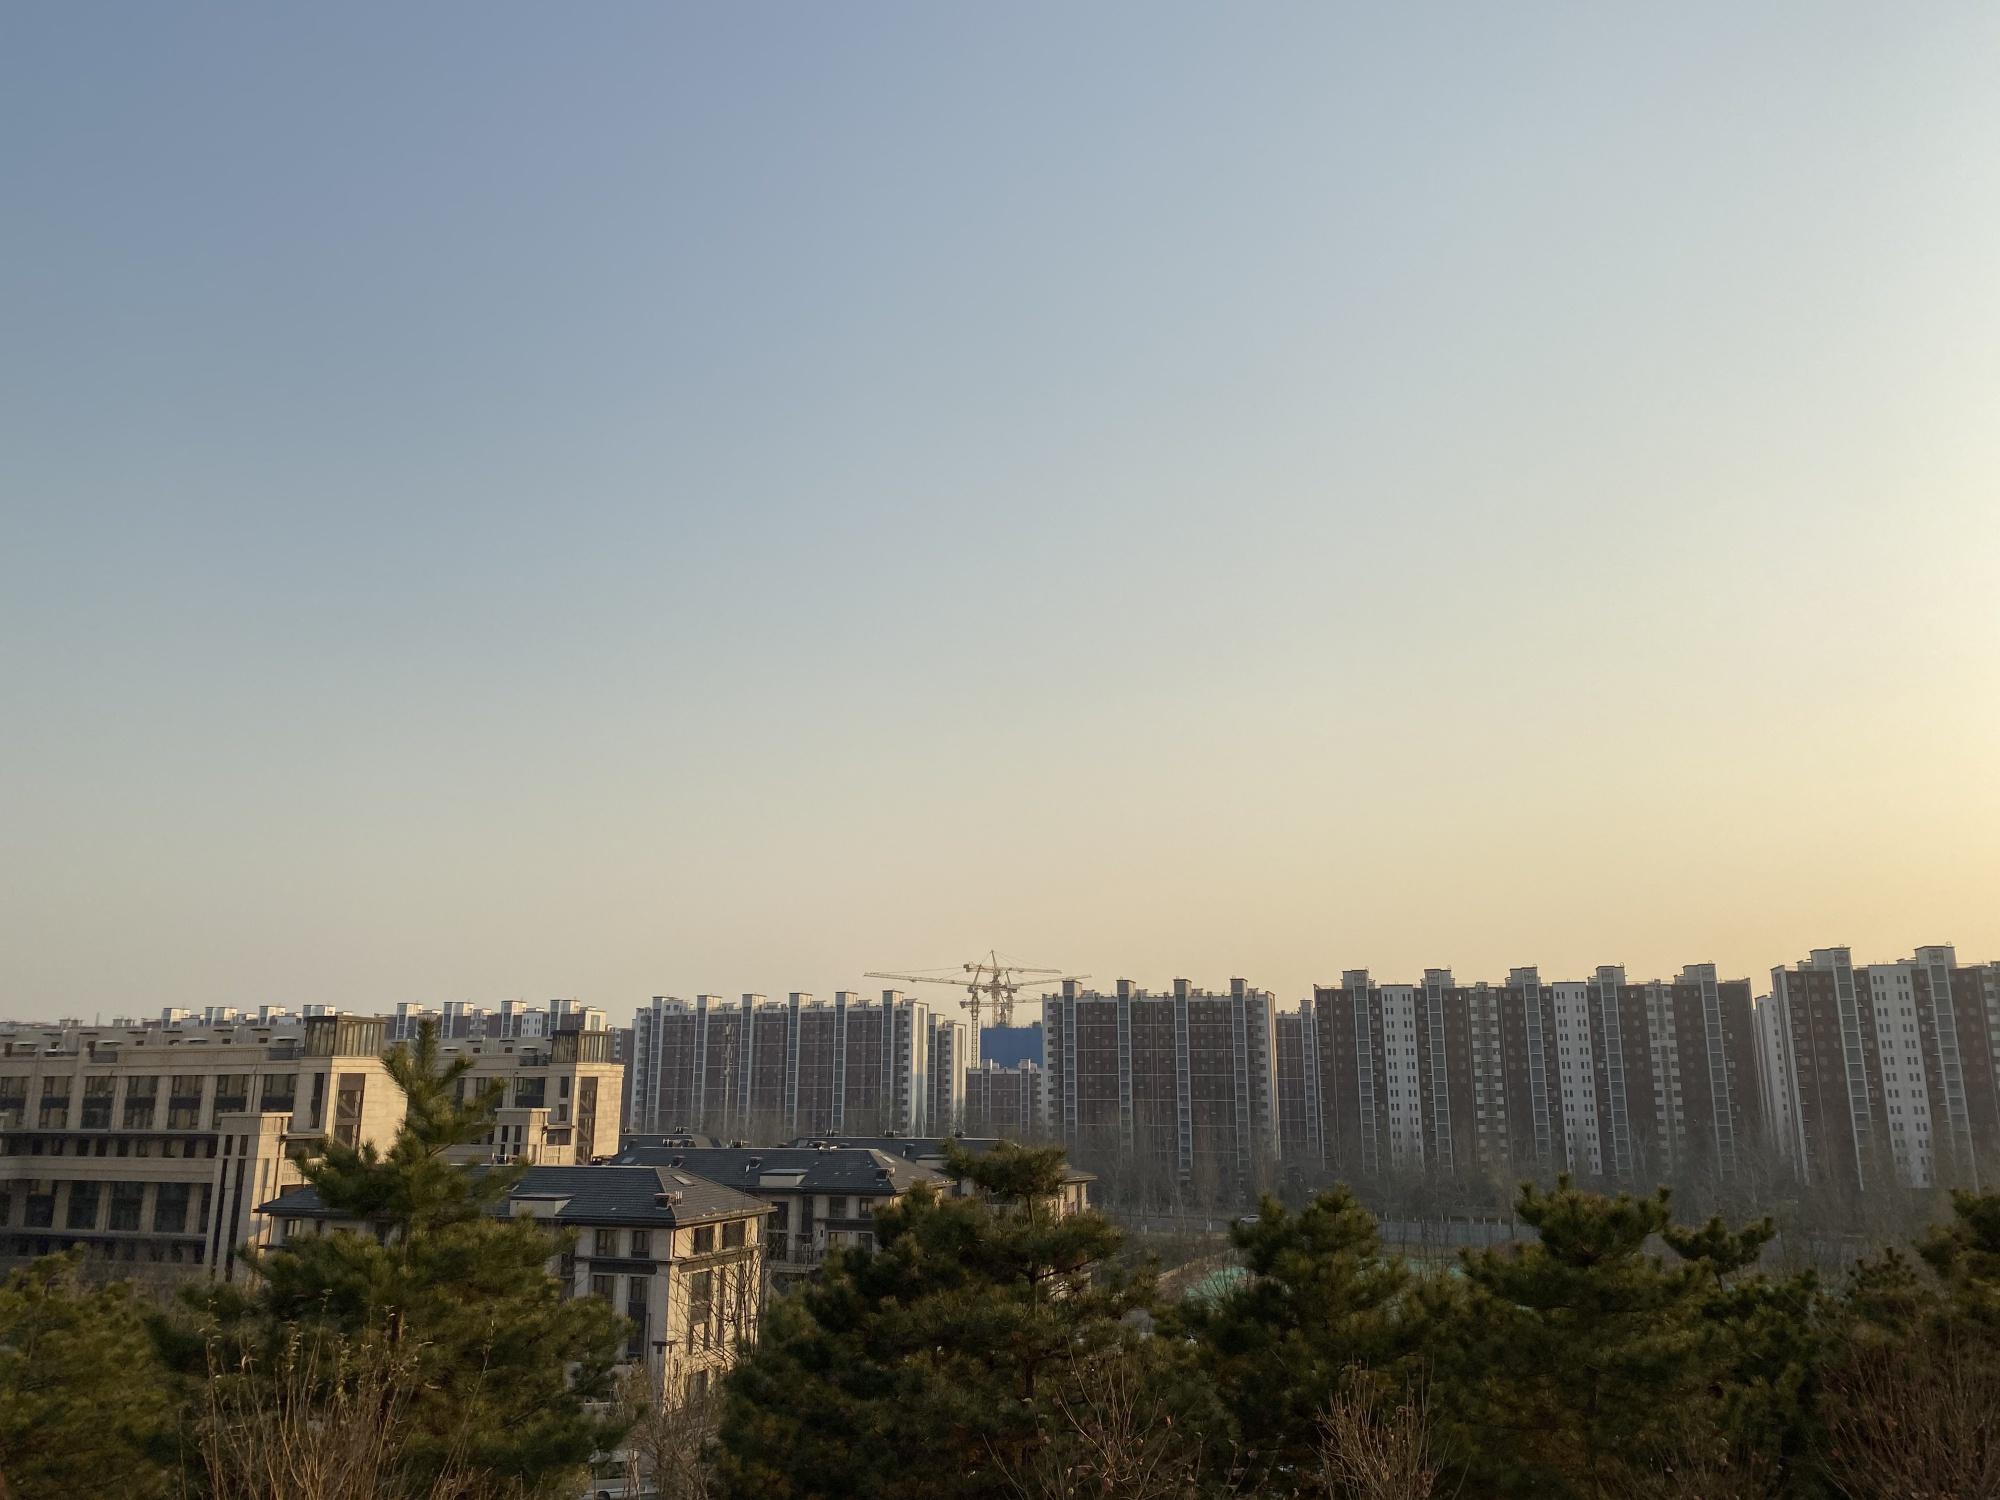 Những căn chung cư giá rẻ mọc san sát nhau ở Bắc Kinh